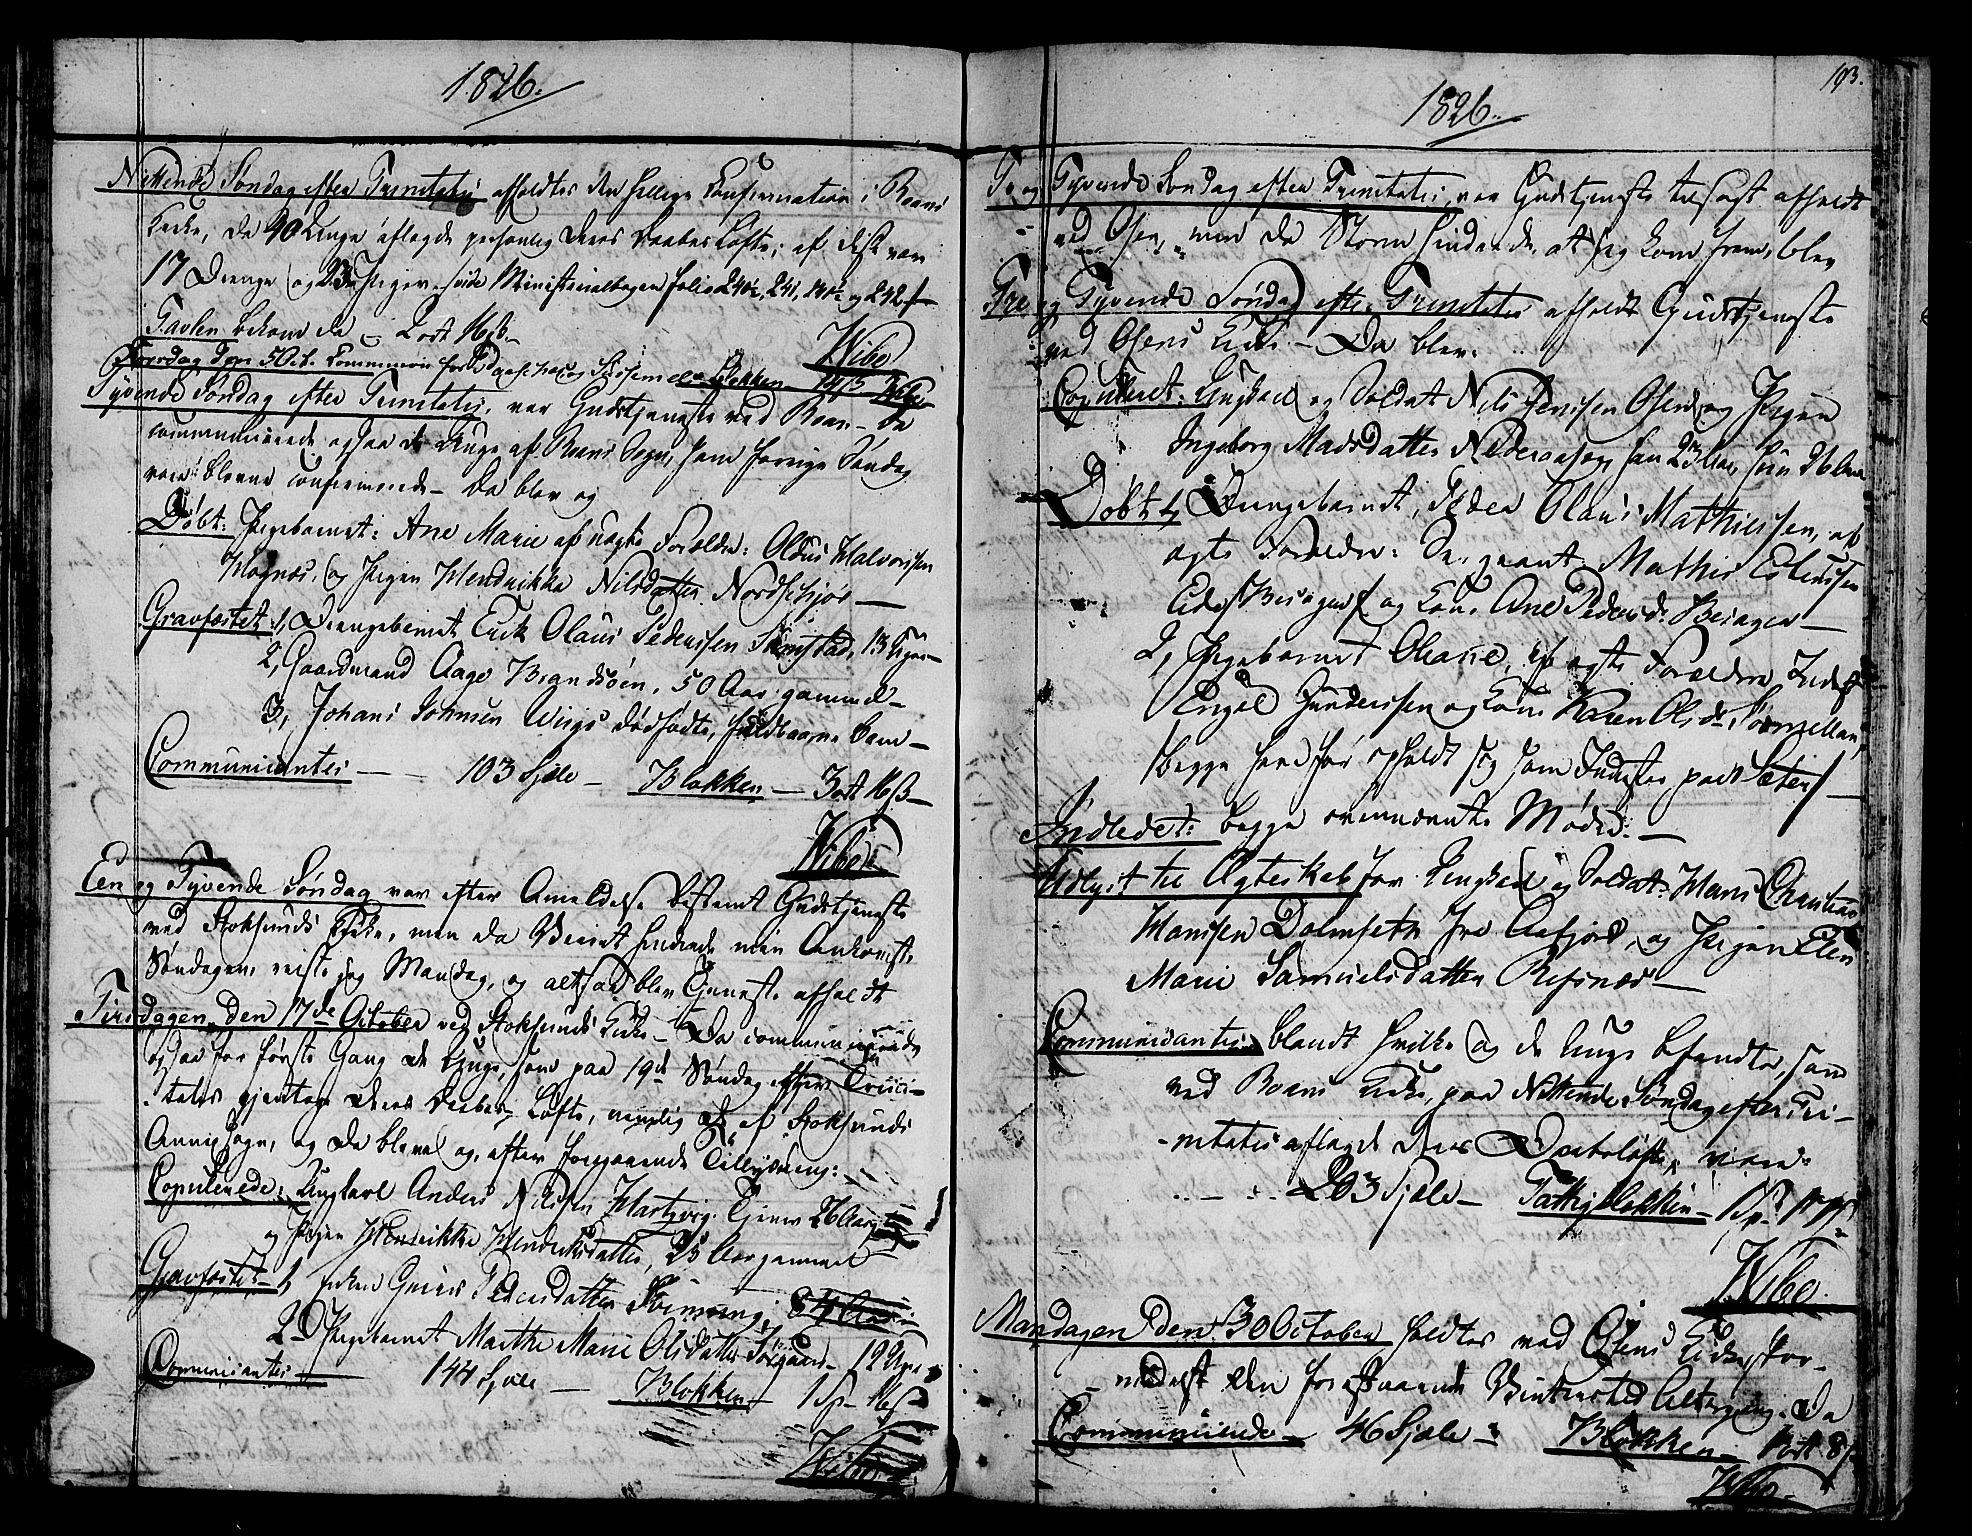 SAT, Ministerialprotokoller, klokkerbøker og fødselsregistre - Sør-Trøndelag, 657/L0701: Ministerialbok nr. 657A02, 1802-1831, s. 193